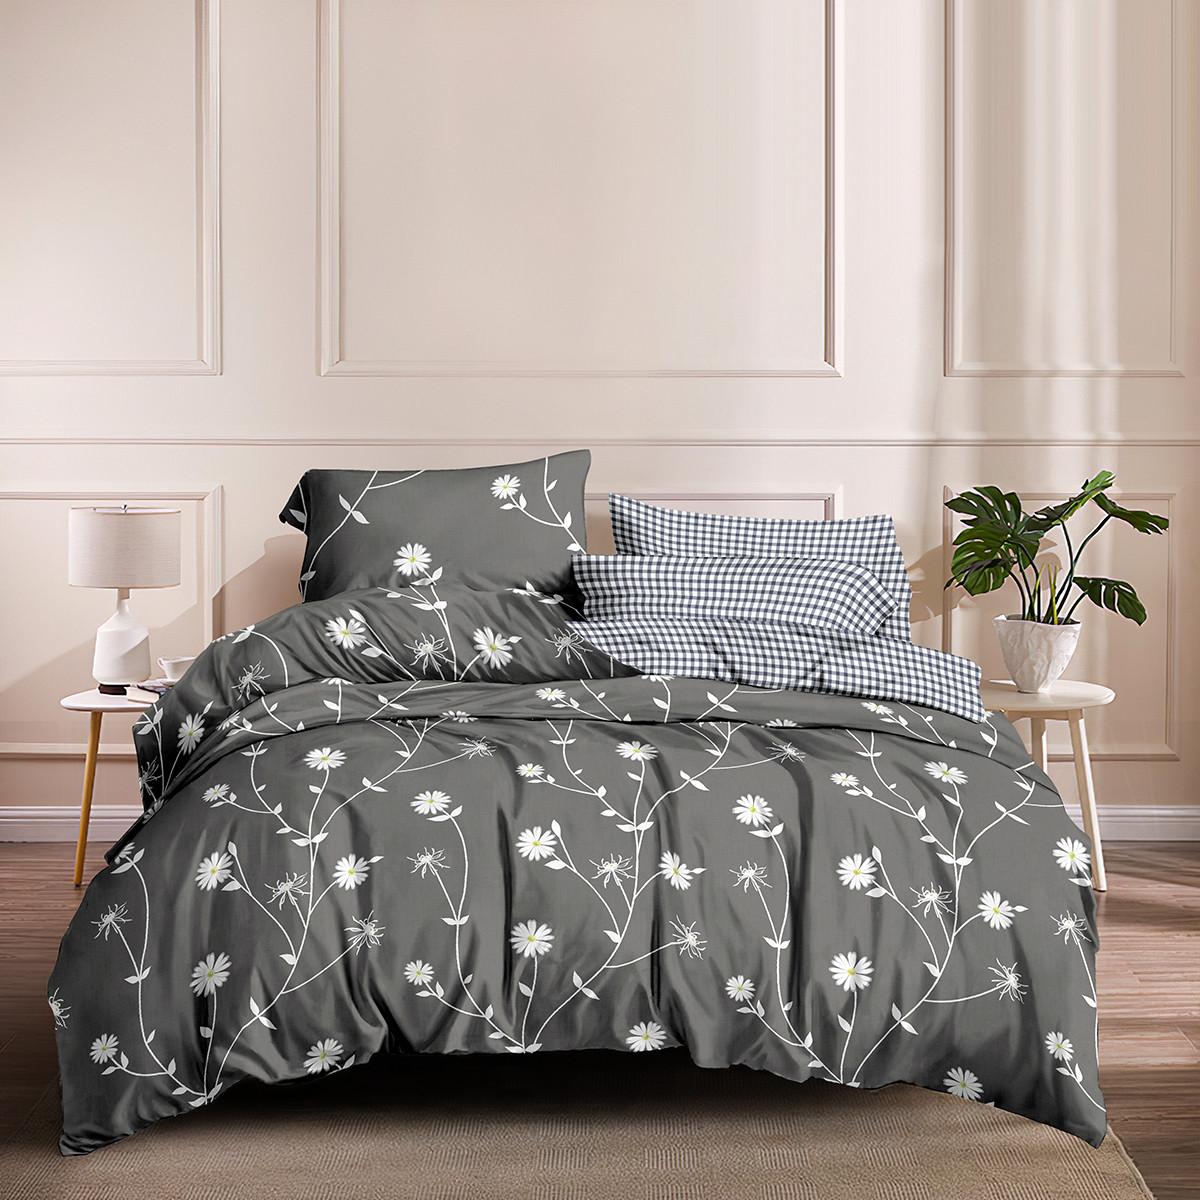 Двуспальный комплект постельного белья 180*220 сатин (15684) TM КРИСПОЛ Украина